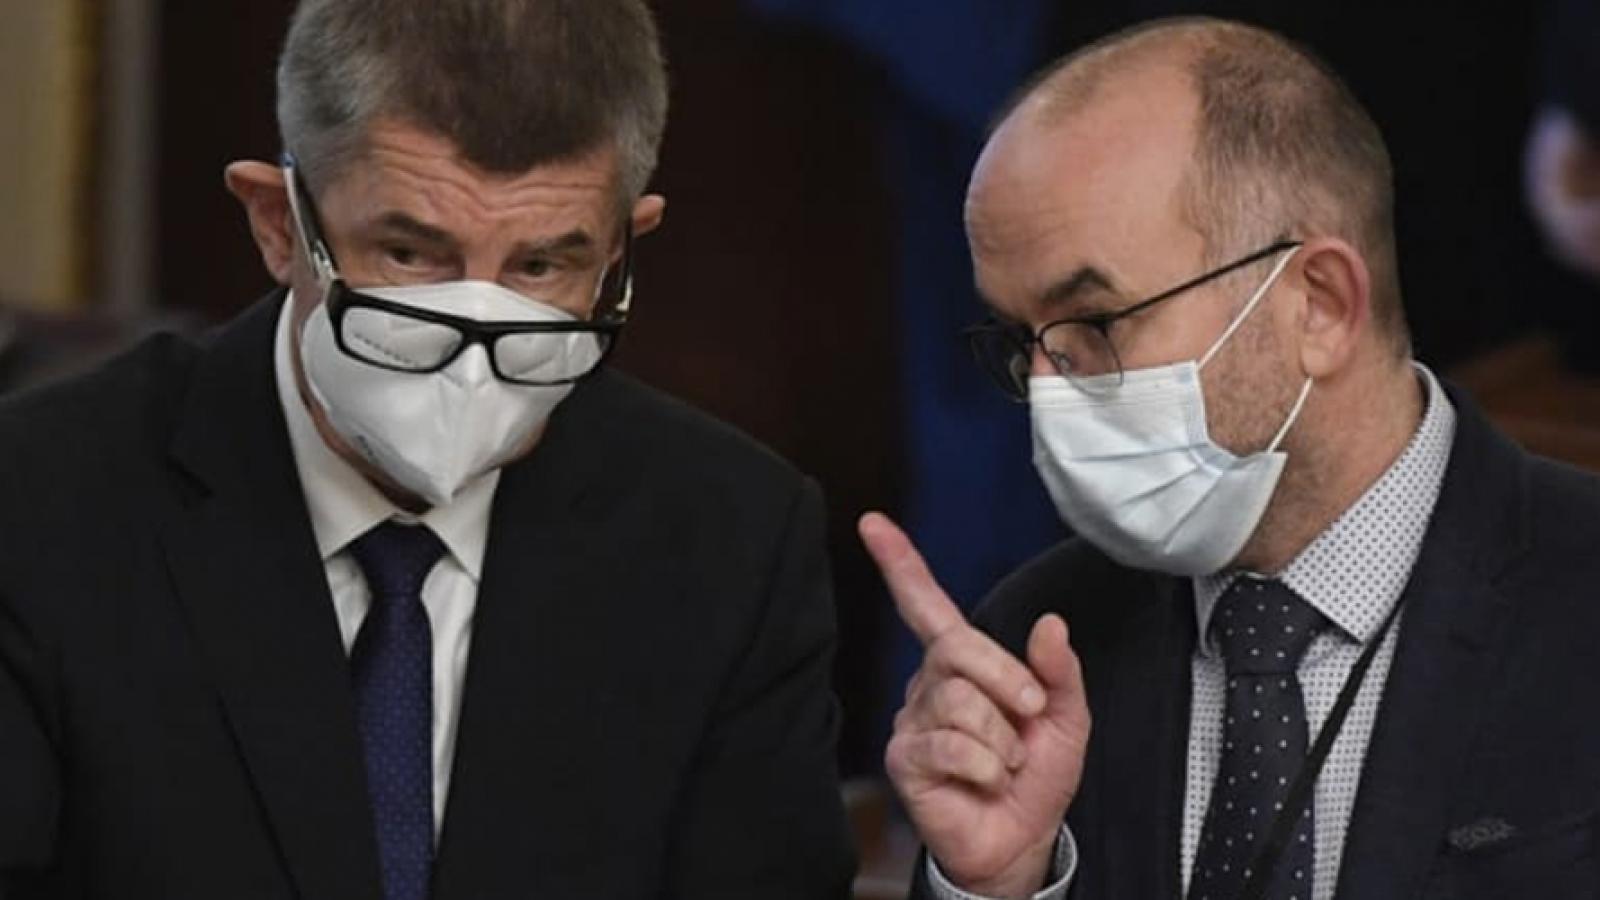 Chính phủ Séc đề xuất gia hạn tình trạng khẩn cấp thêm 30 ngày